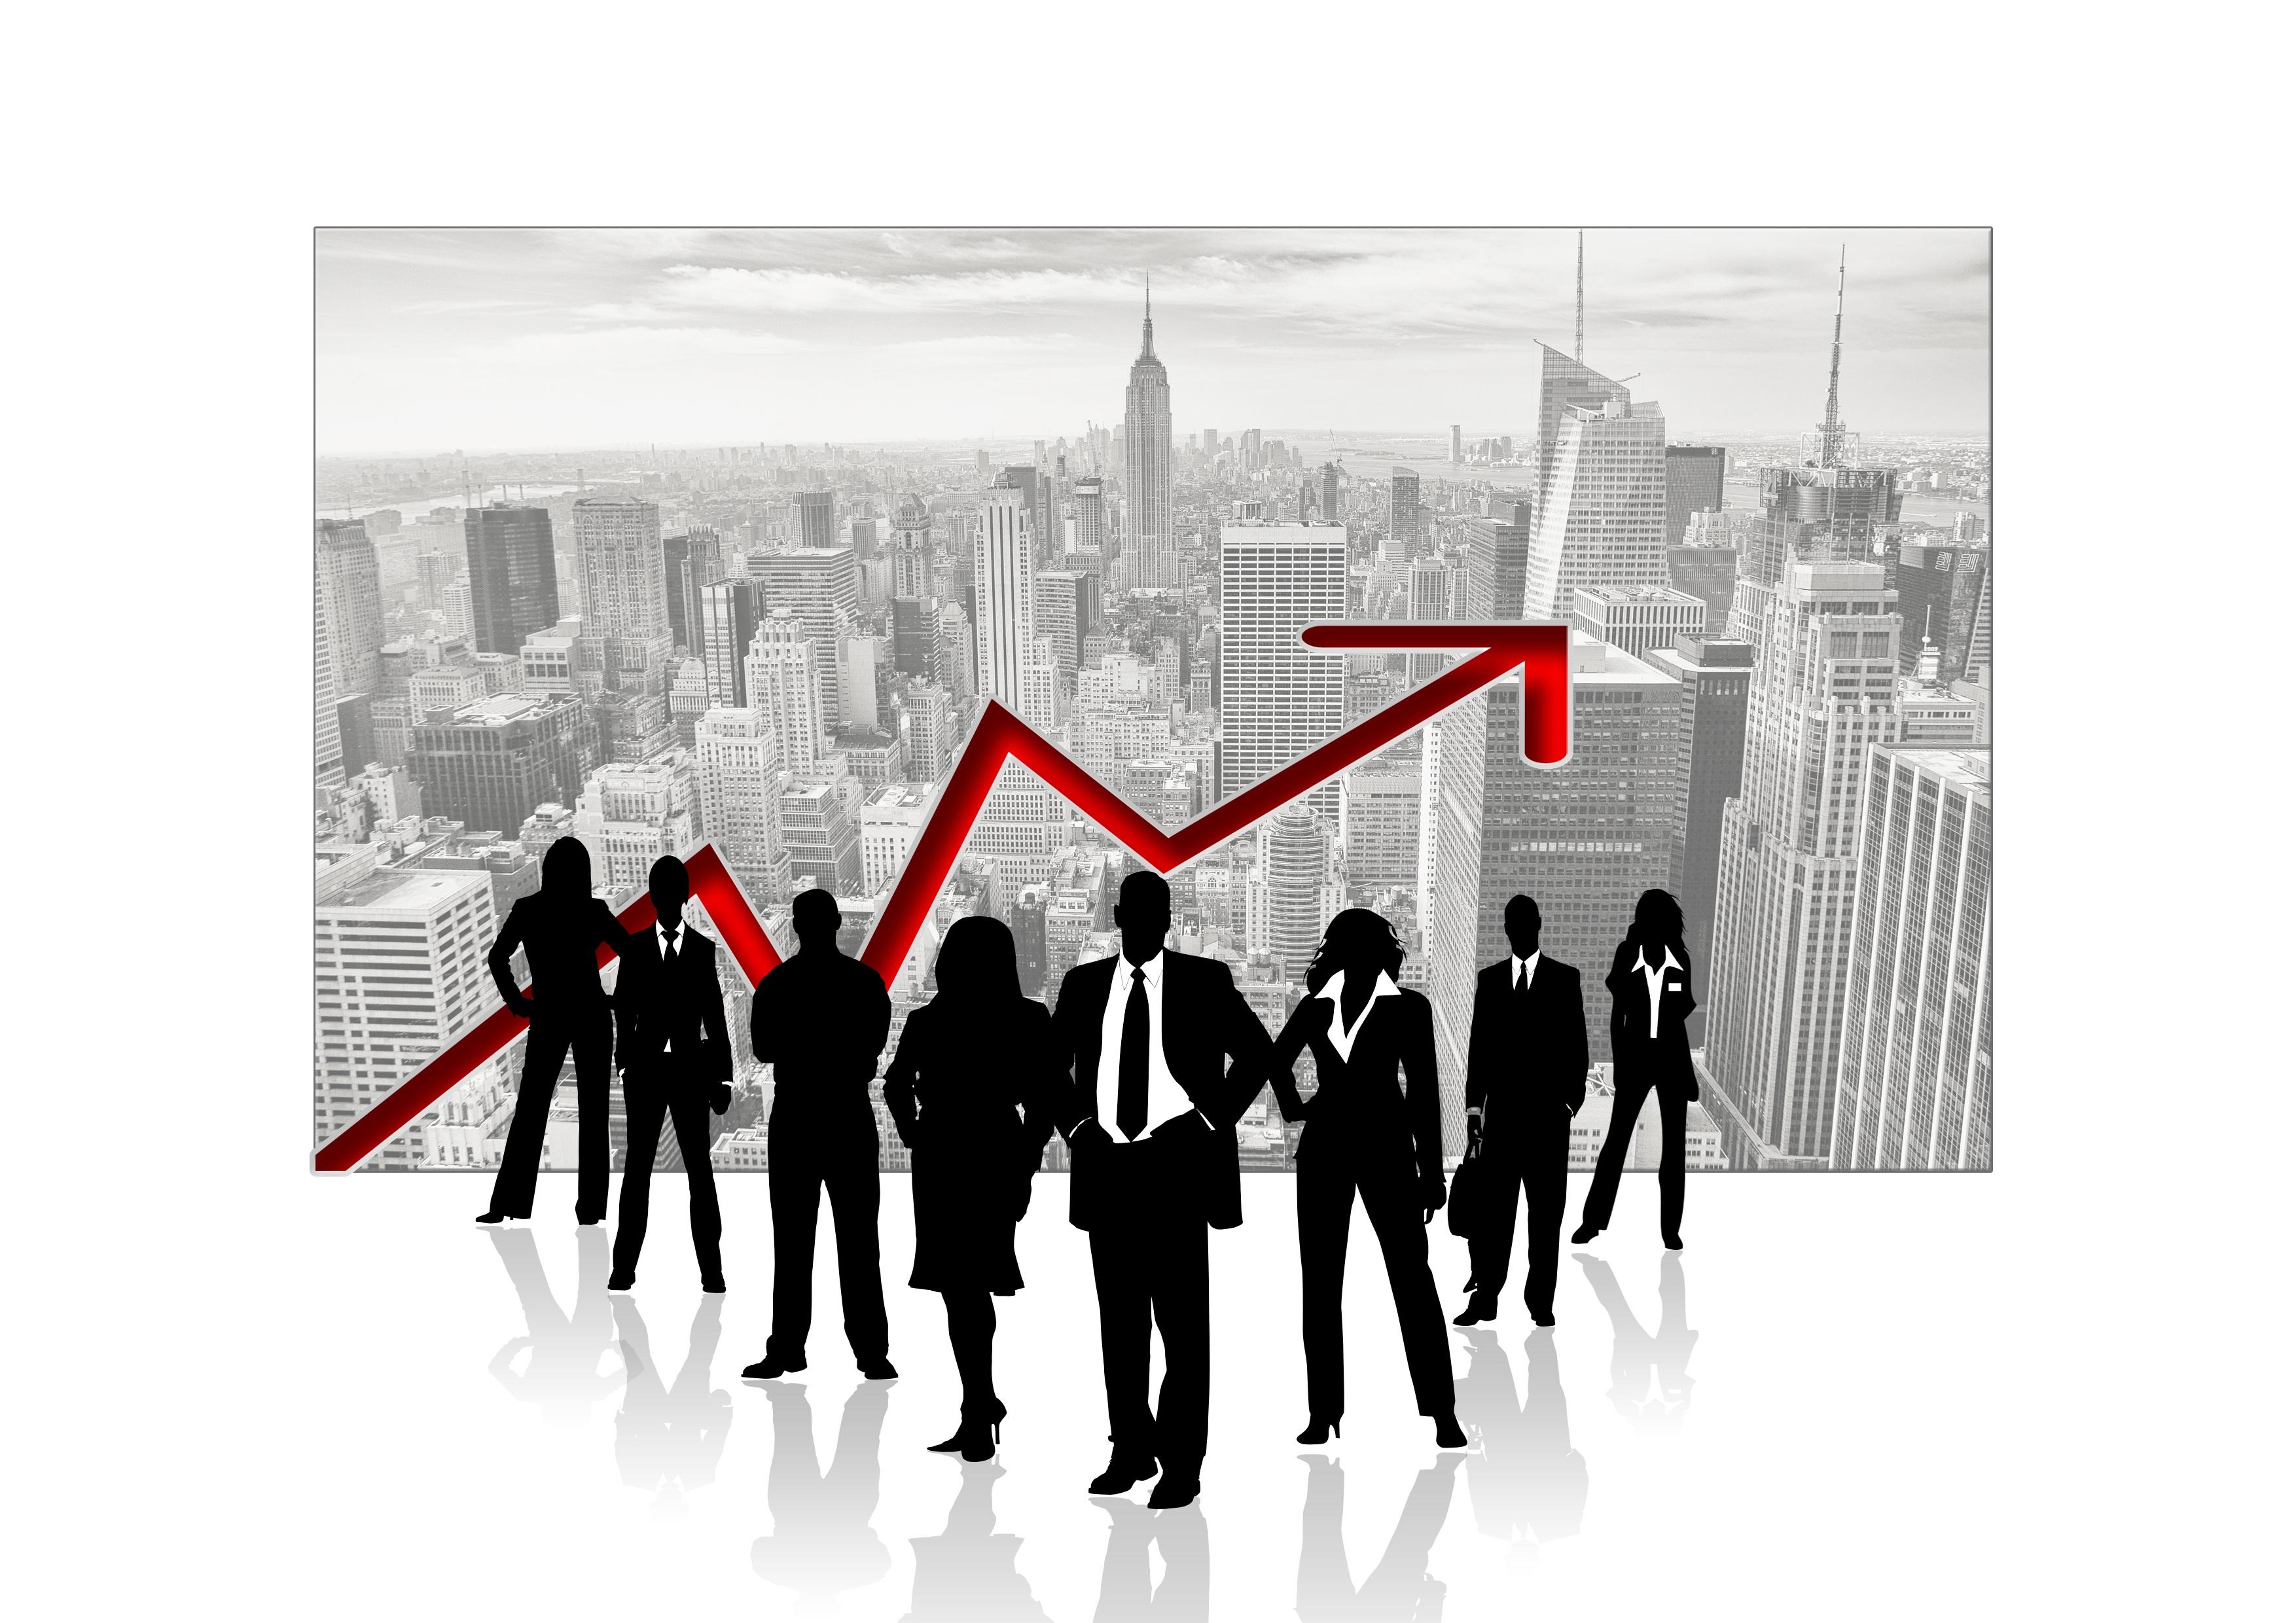 GERRY WEBER zog Bilanz für die letzten drei Quartale -mit einem erwartet gemischten Ergebnis (Foto: geralt/pixabay)